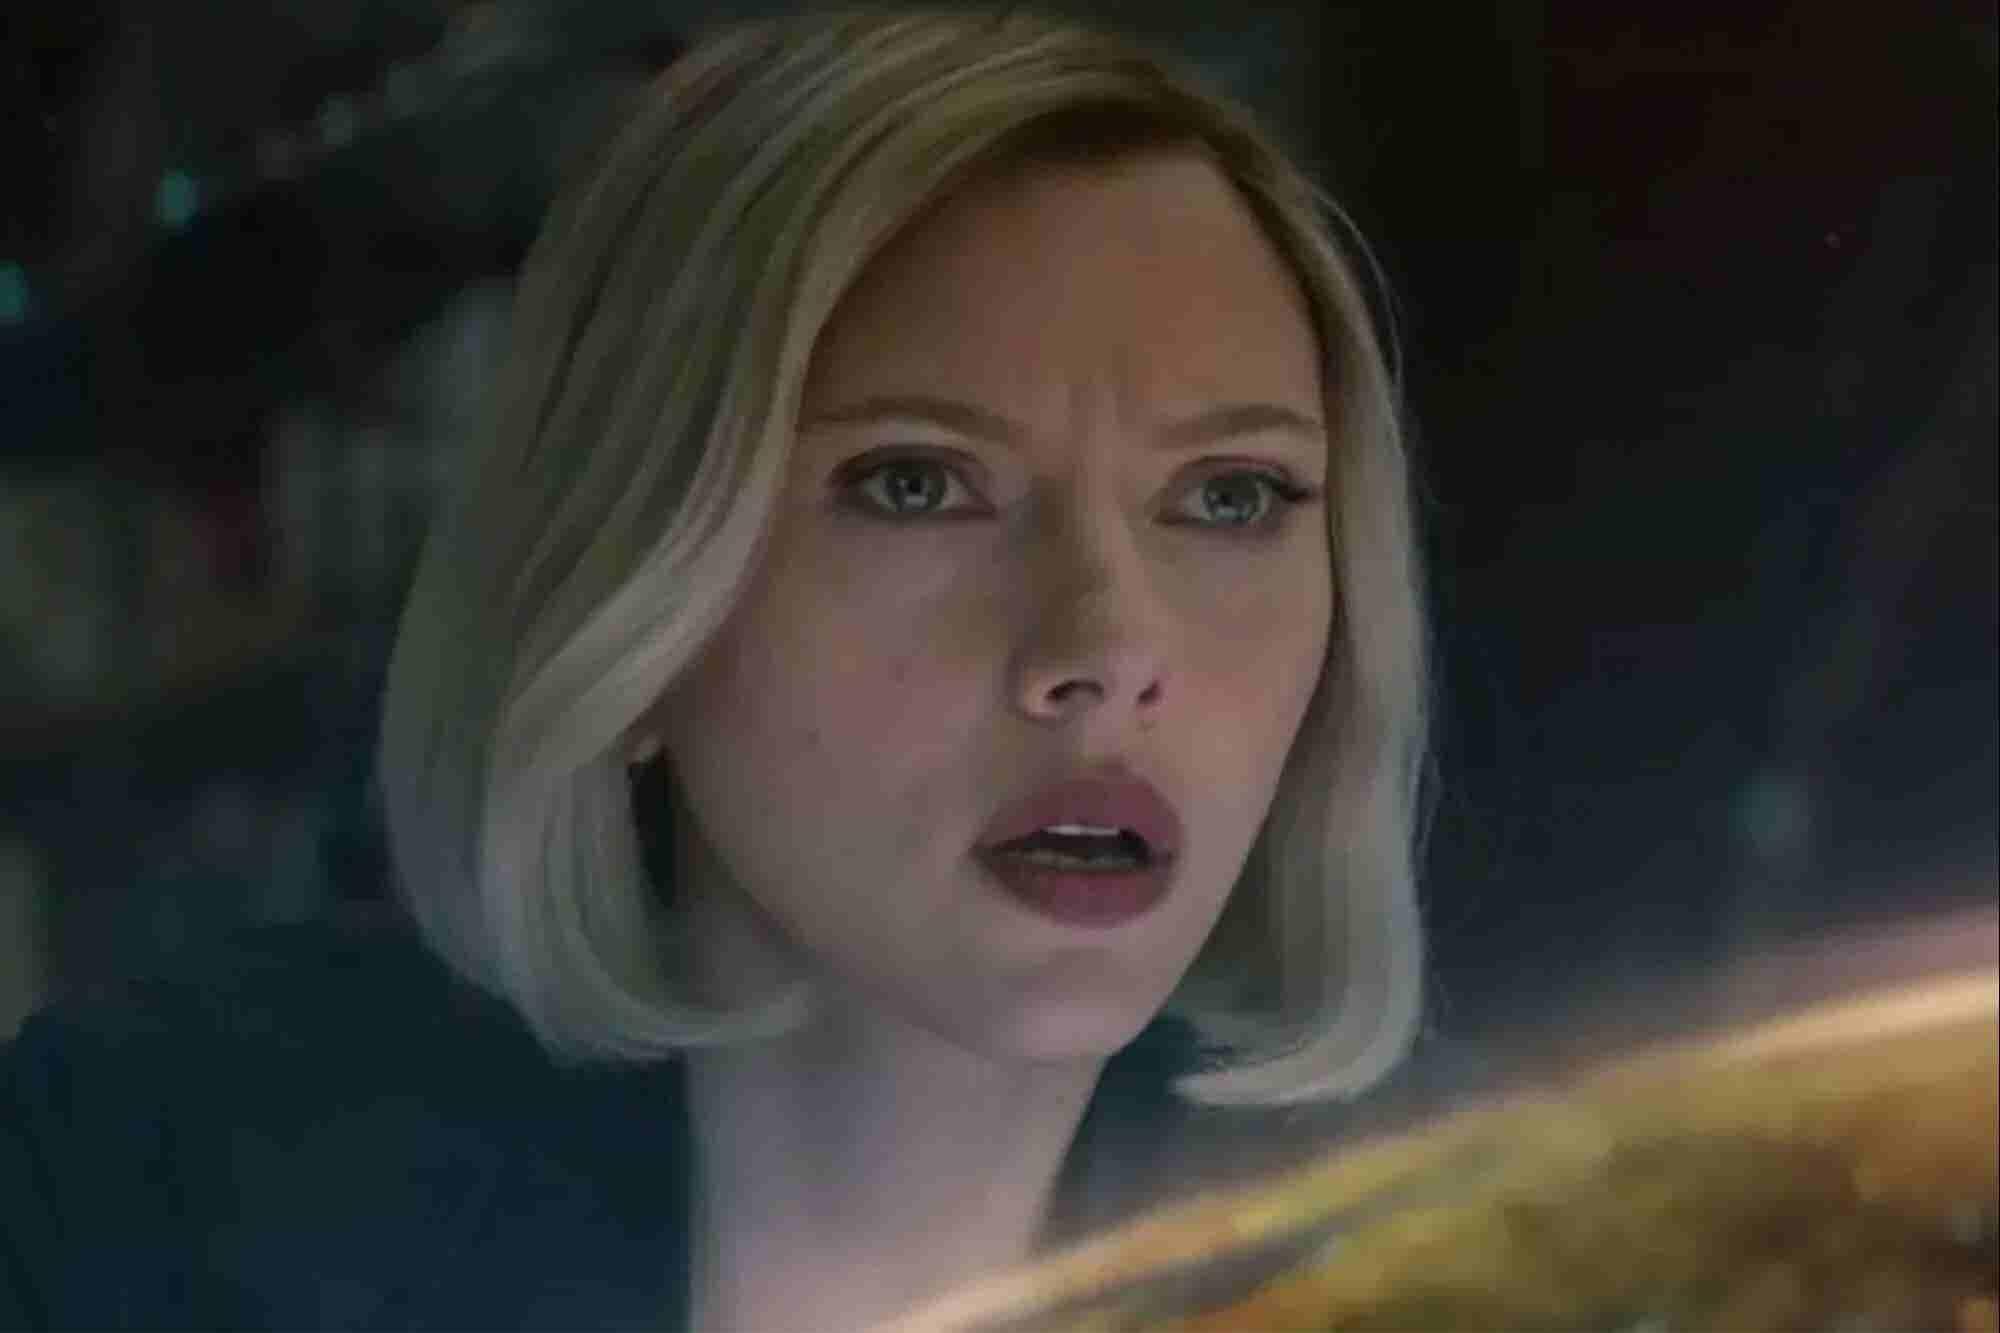 'Avengers: Endgame' gana 1.2 mil millones de dólares en la taquilla del fin de semana, el mayor estreno en la historia